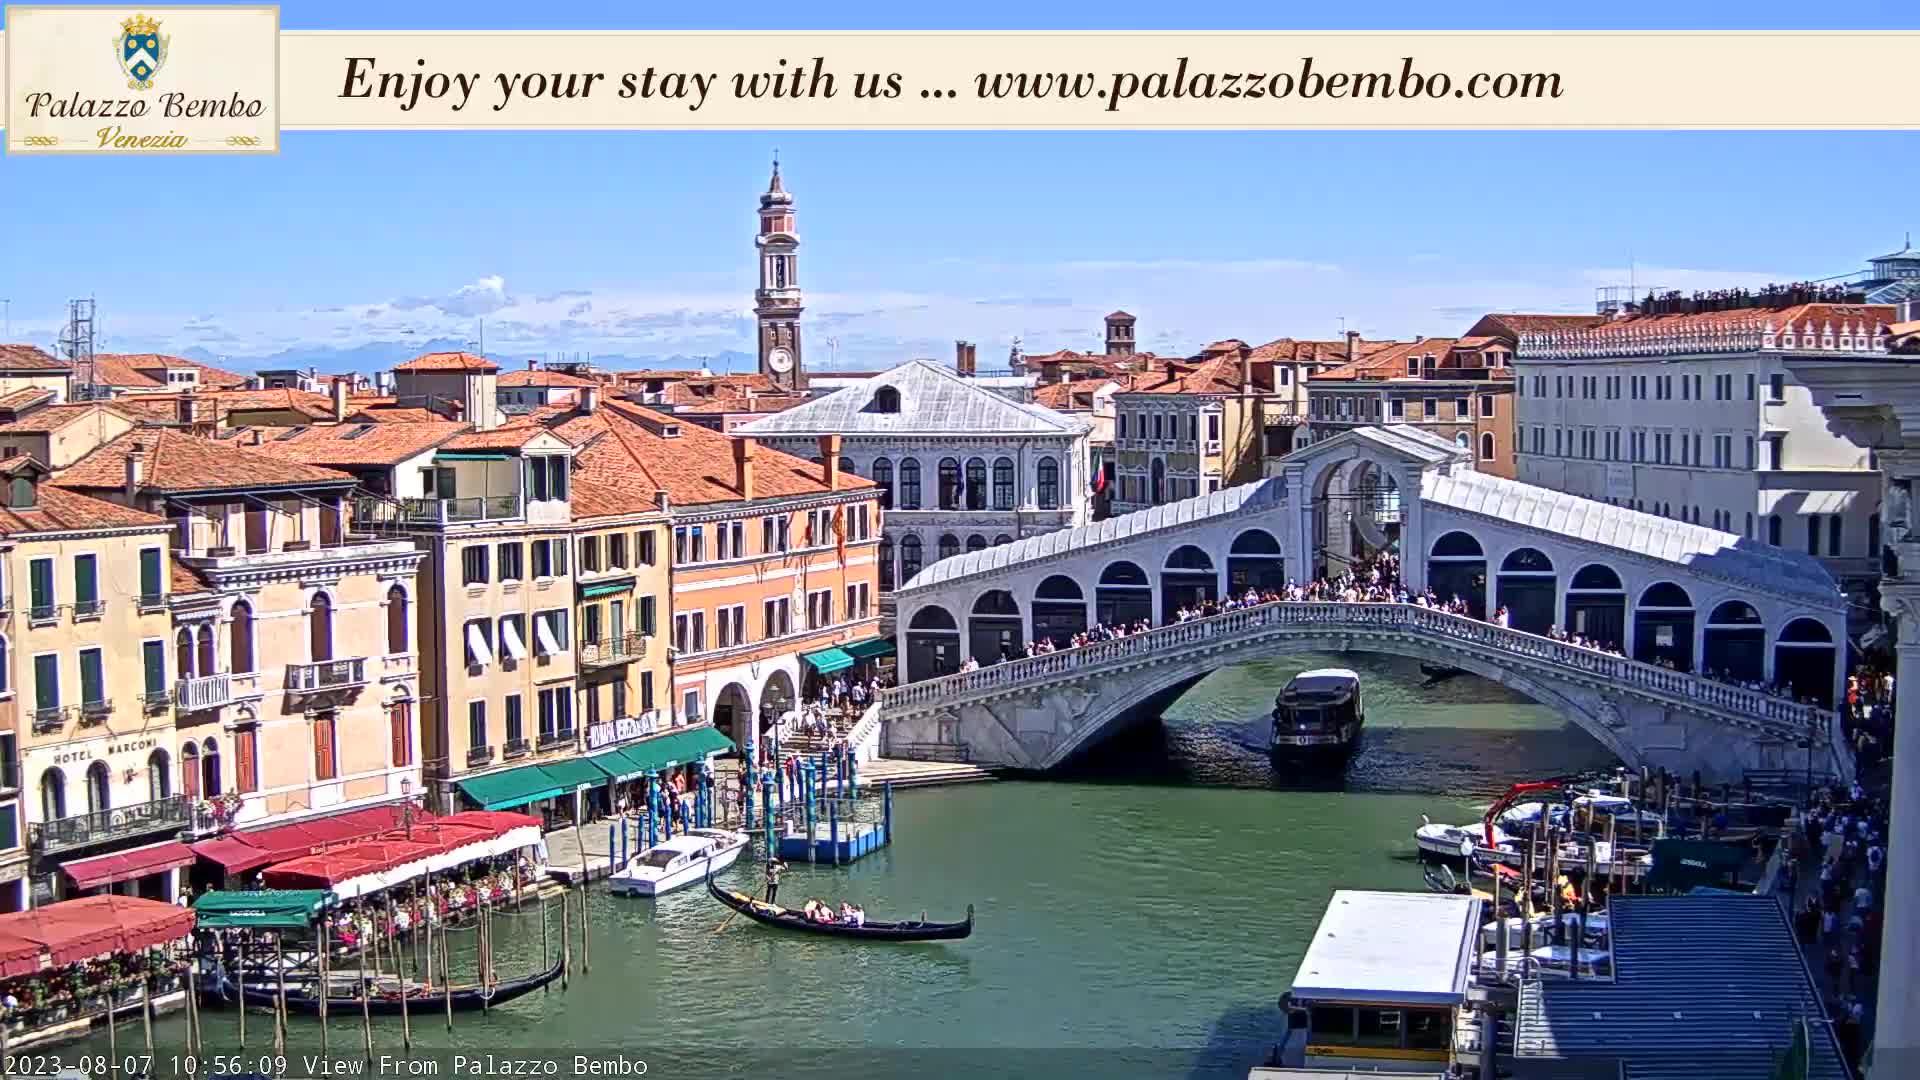 Venice Mon. 10:56